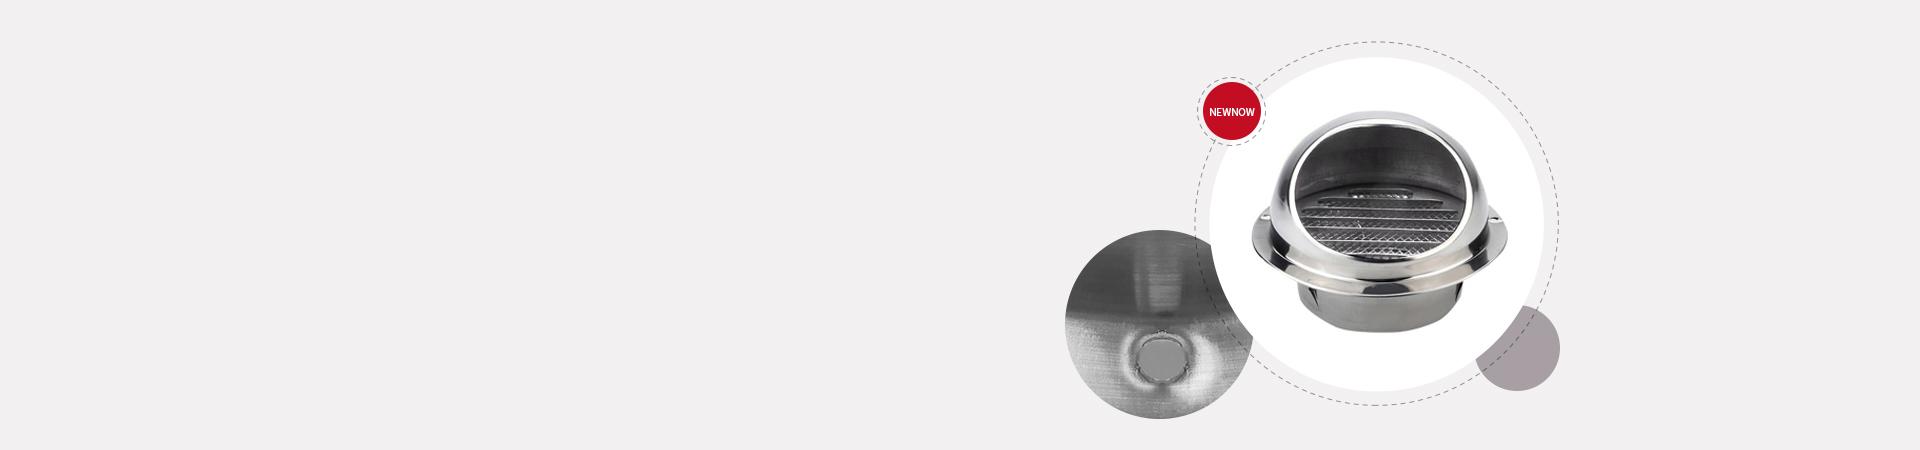 网站---不锈钢风帽_03.jpg